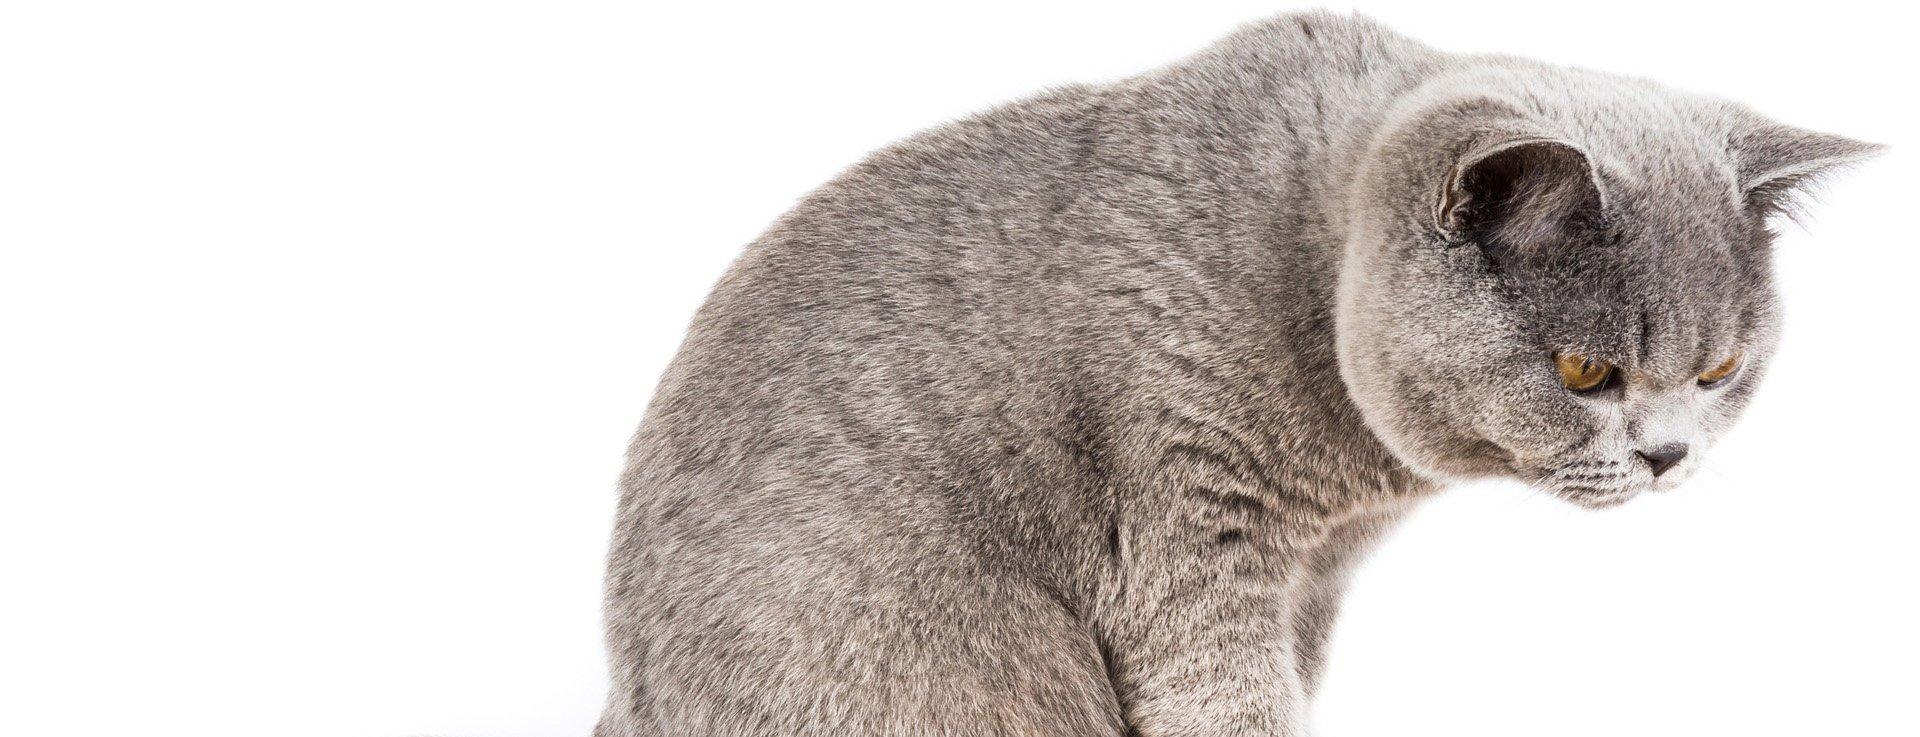 Dlaczego kot wymiotuje?